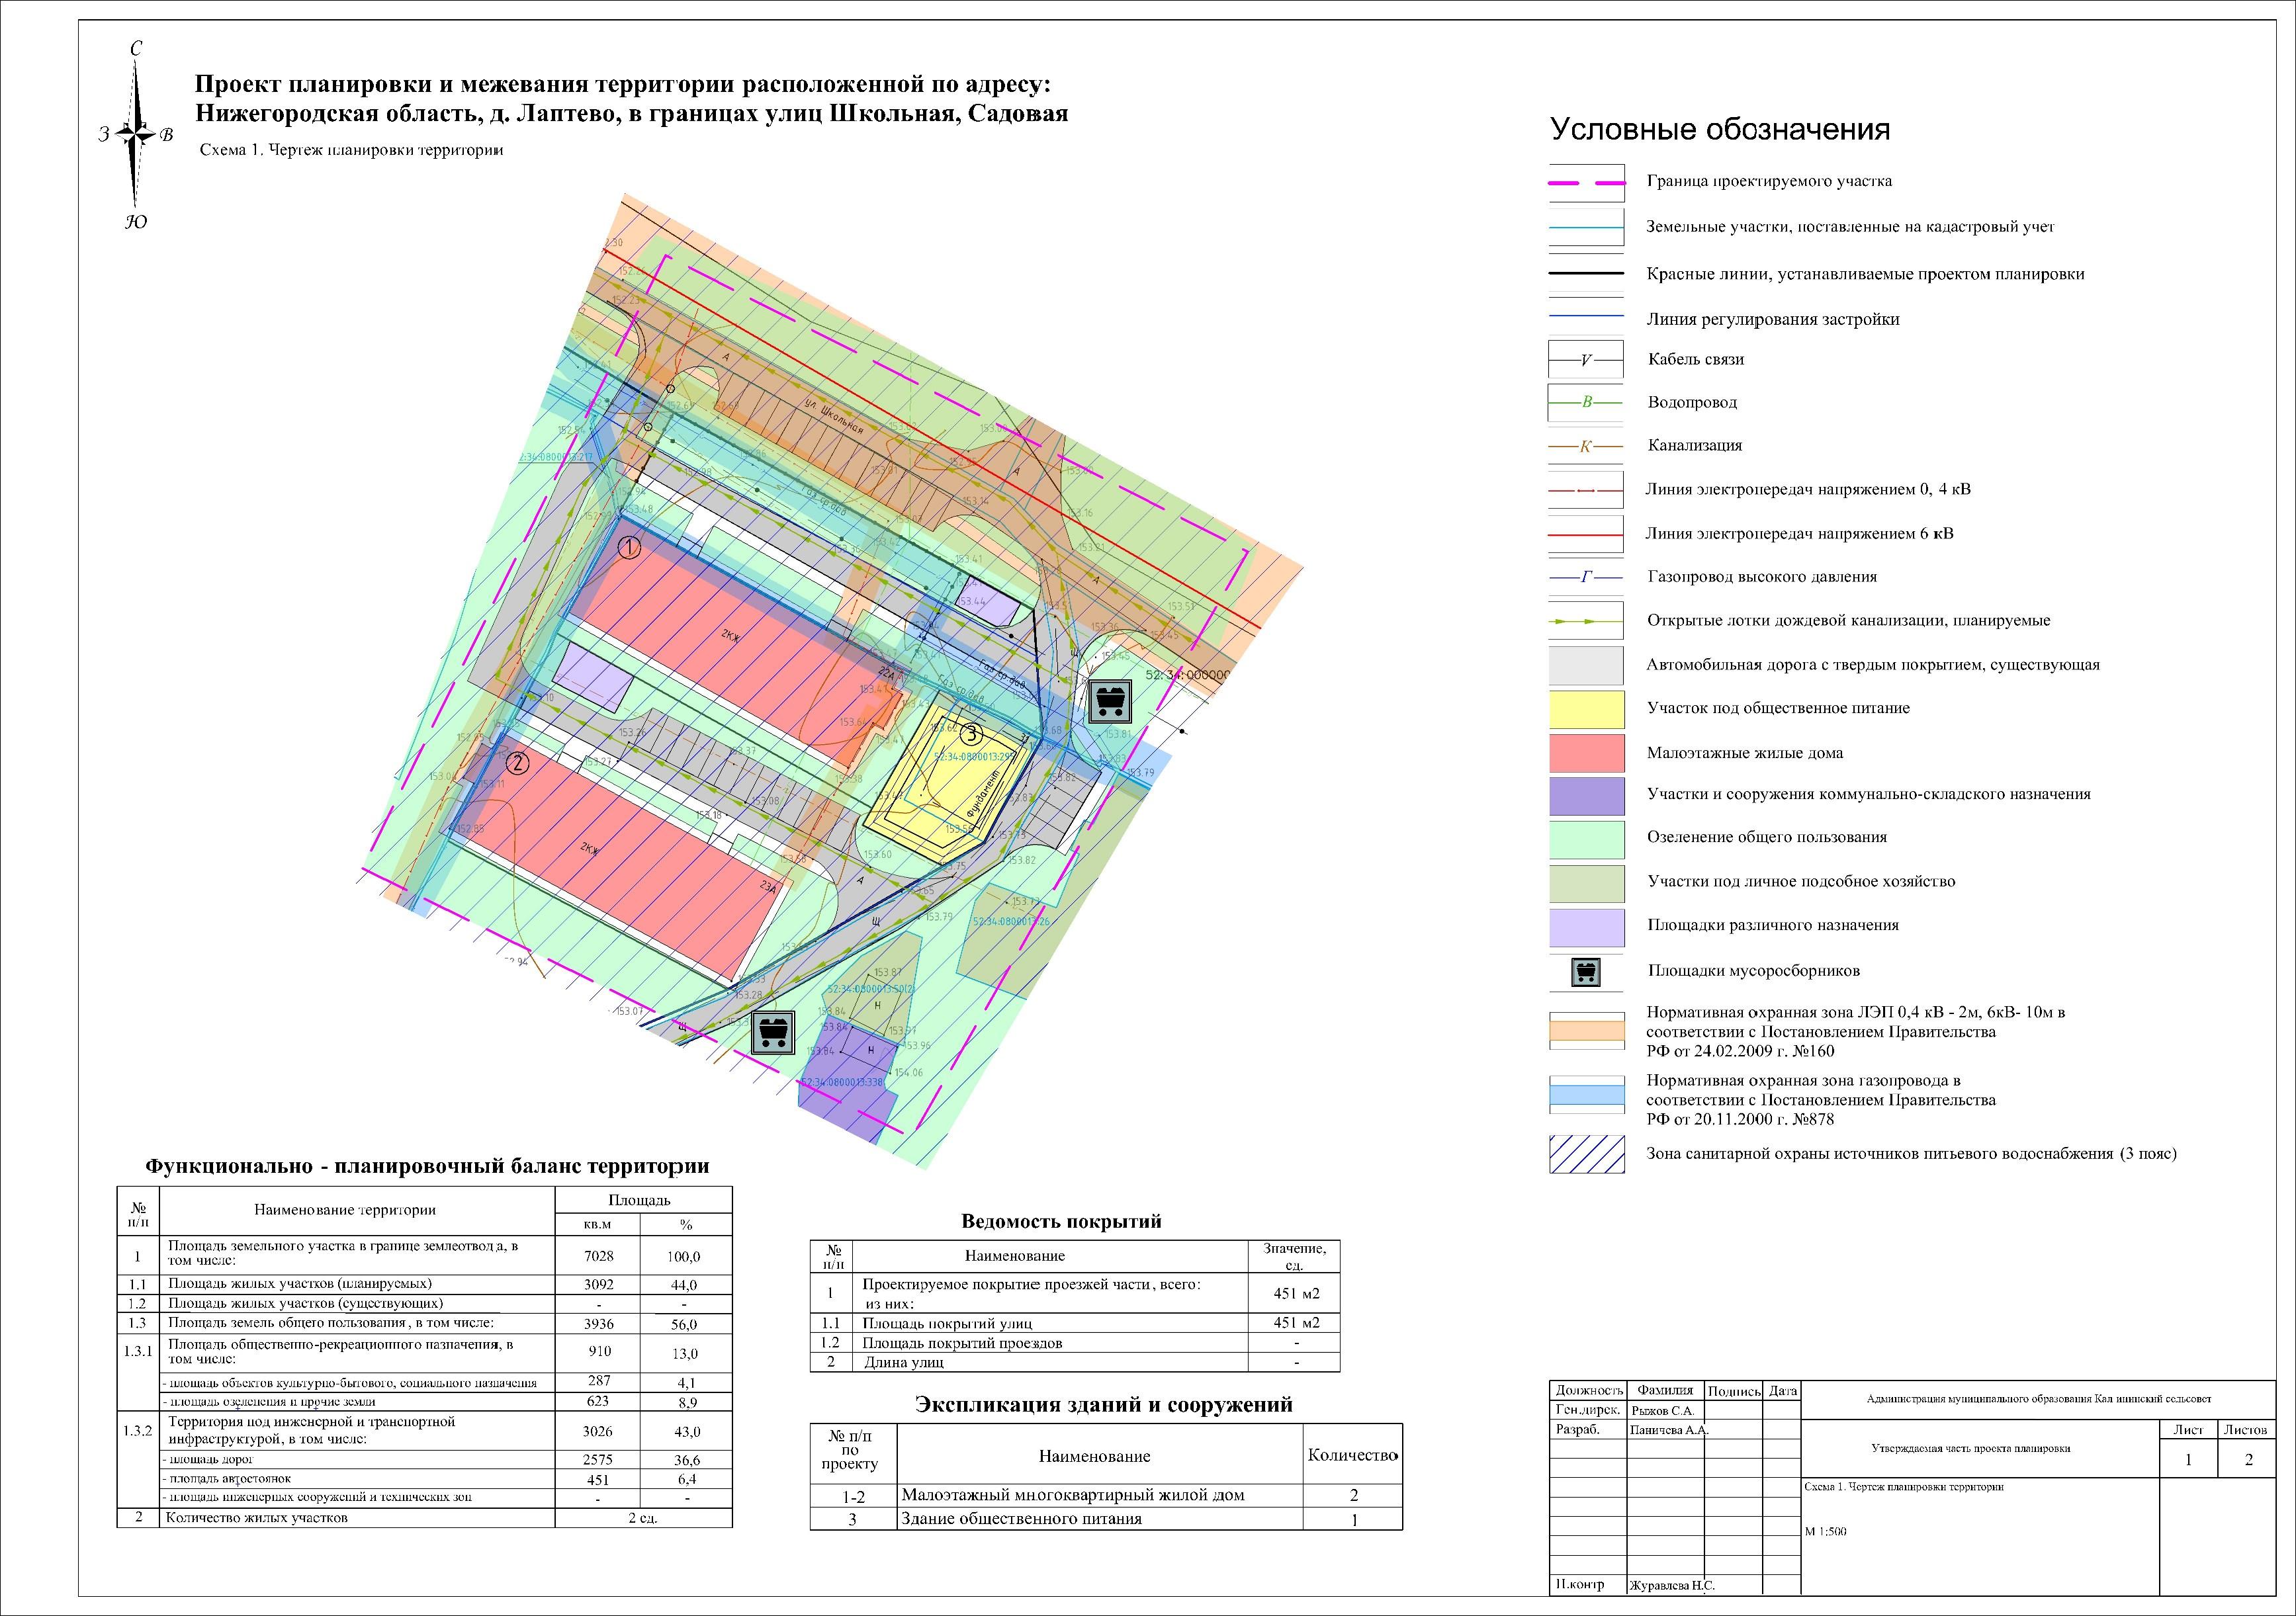 Проект планировки территории коттеджного поселка | house expert